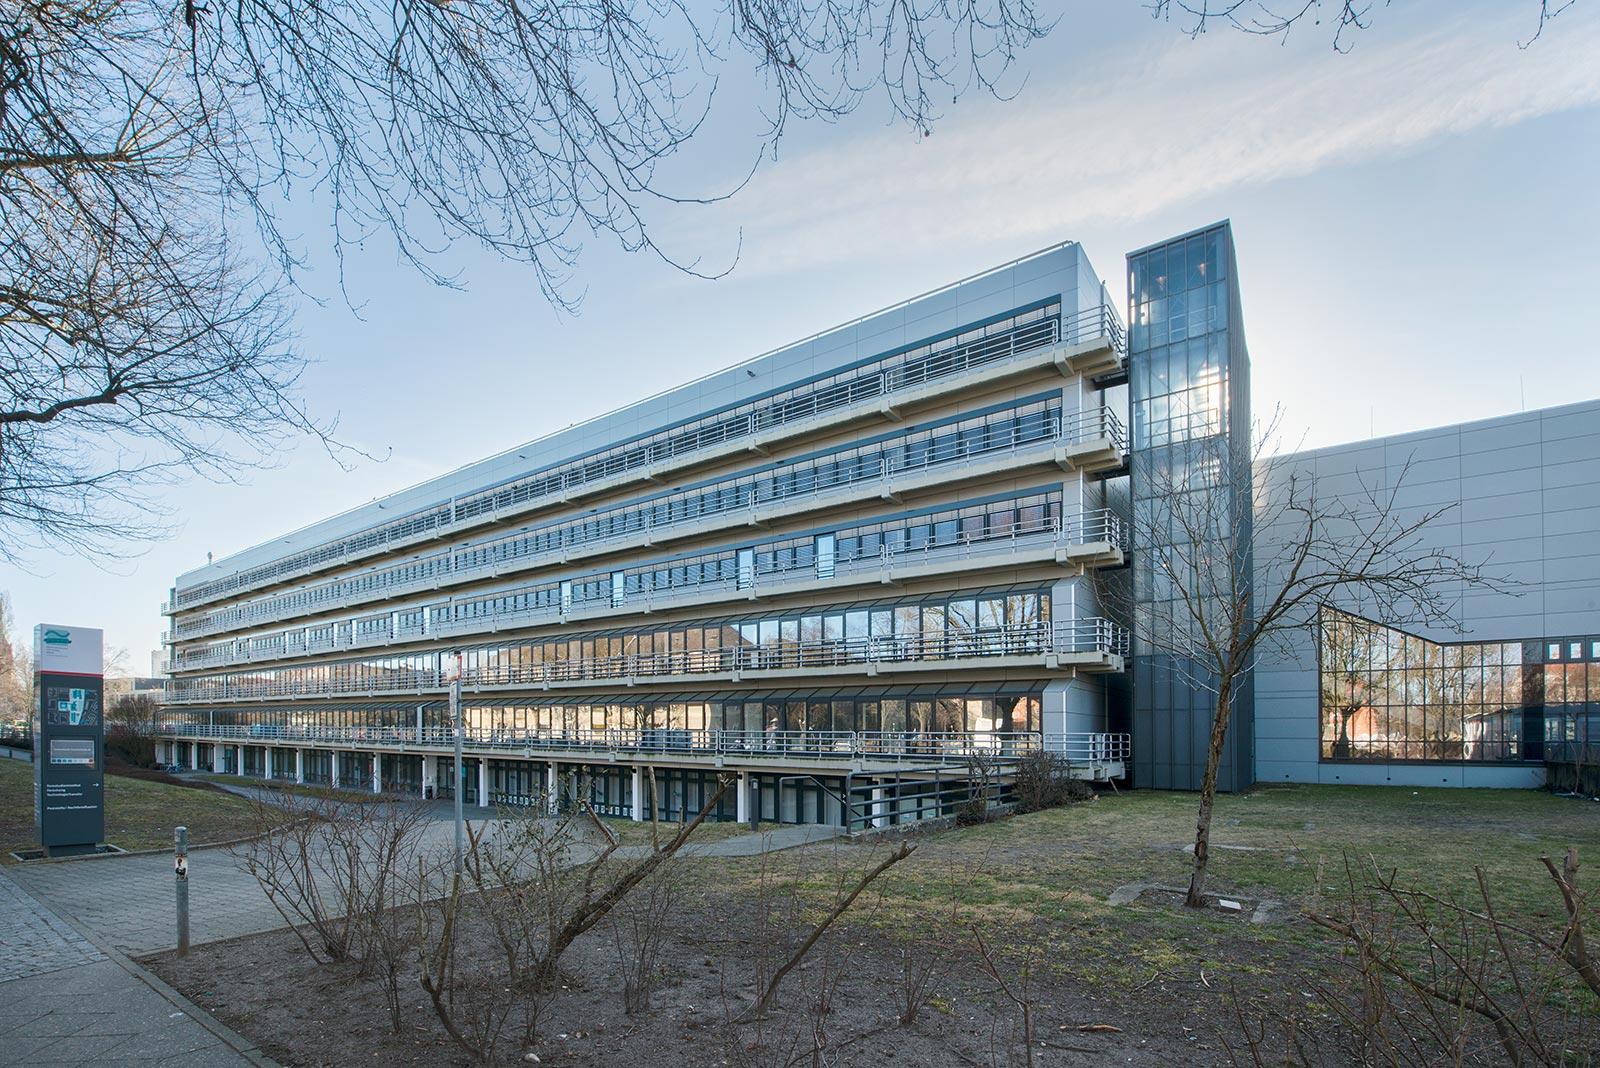 Bht berlin architektur zusammenbildung beispiele